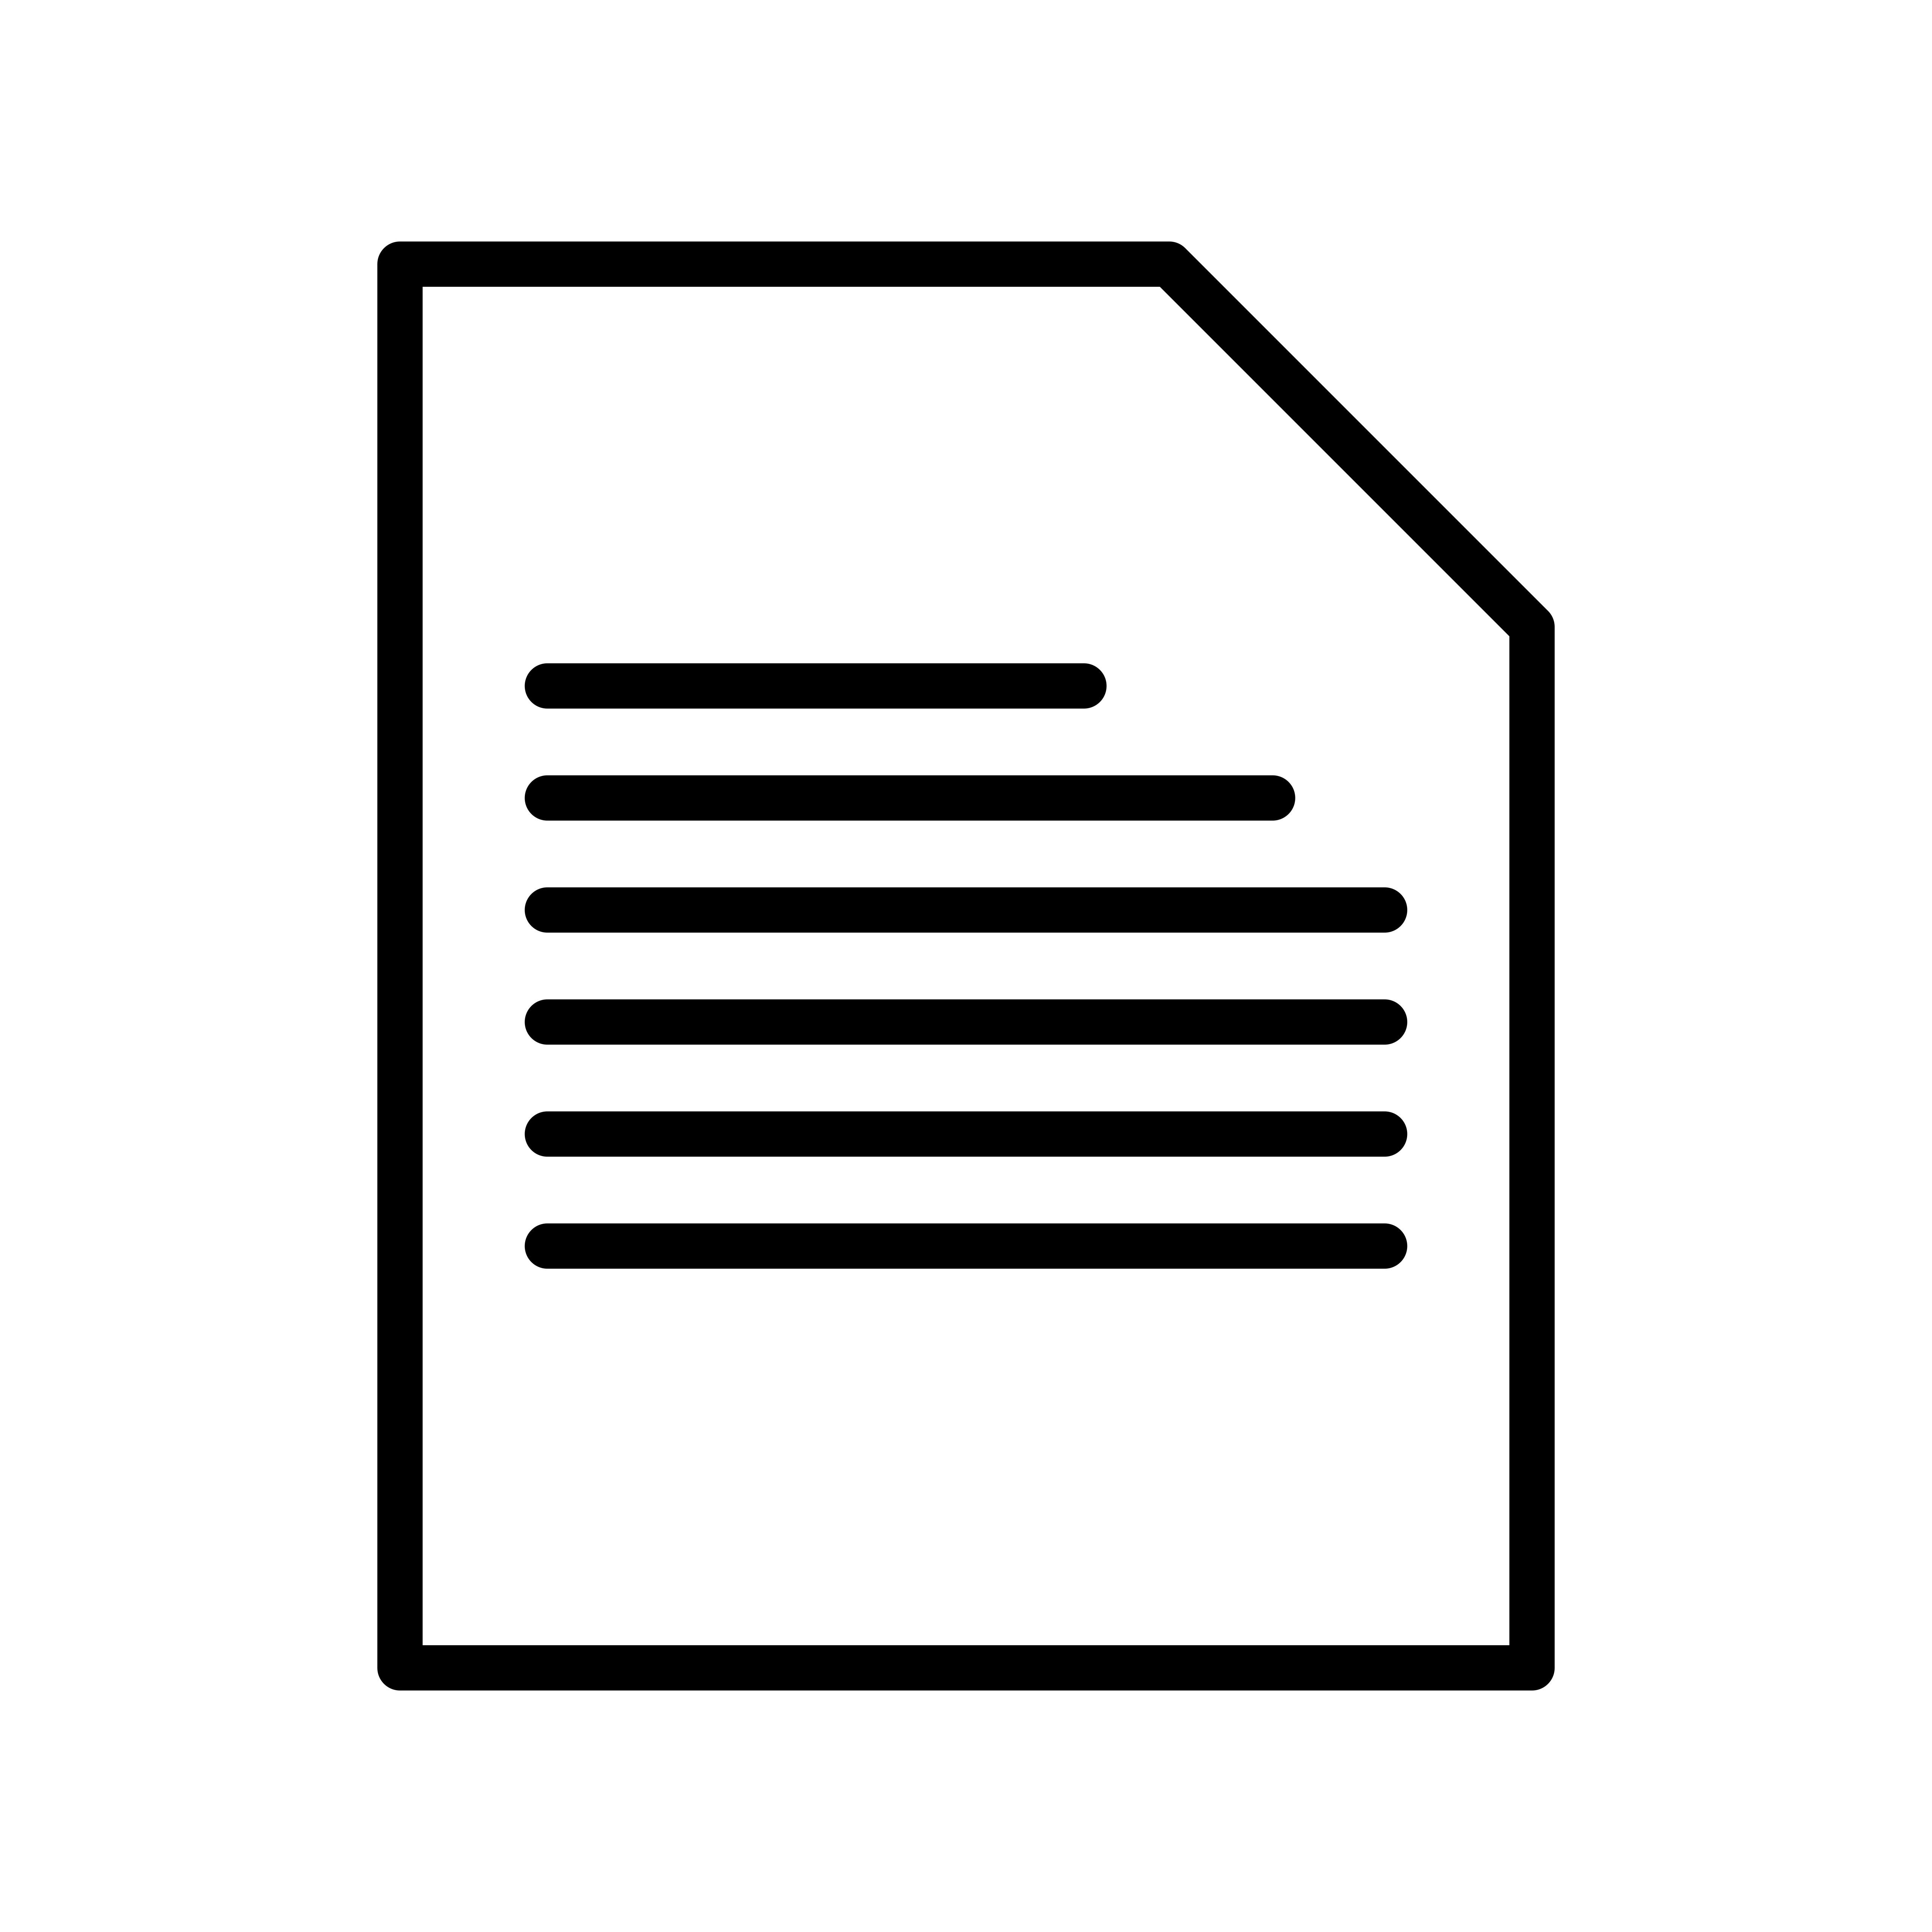 Download Free Vectors, Clipart